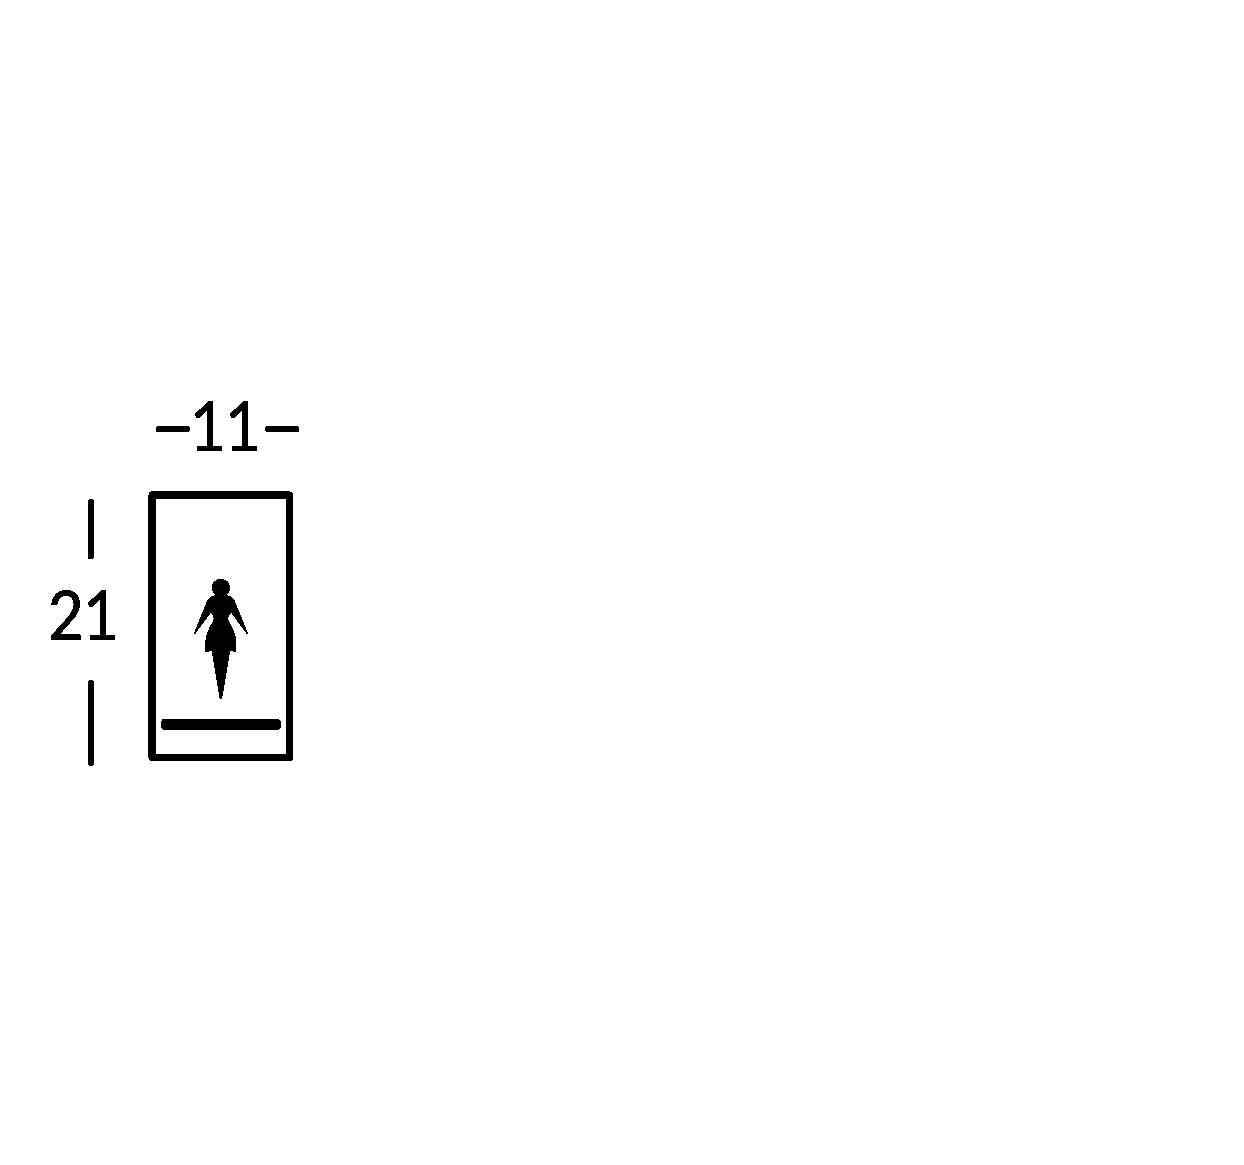 Big sign symbol